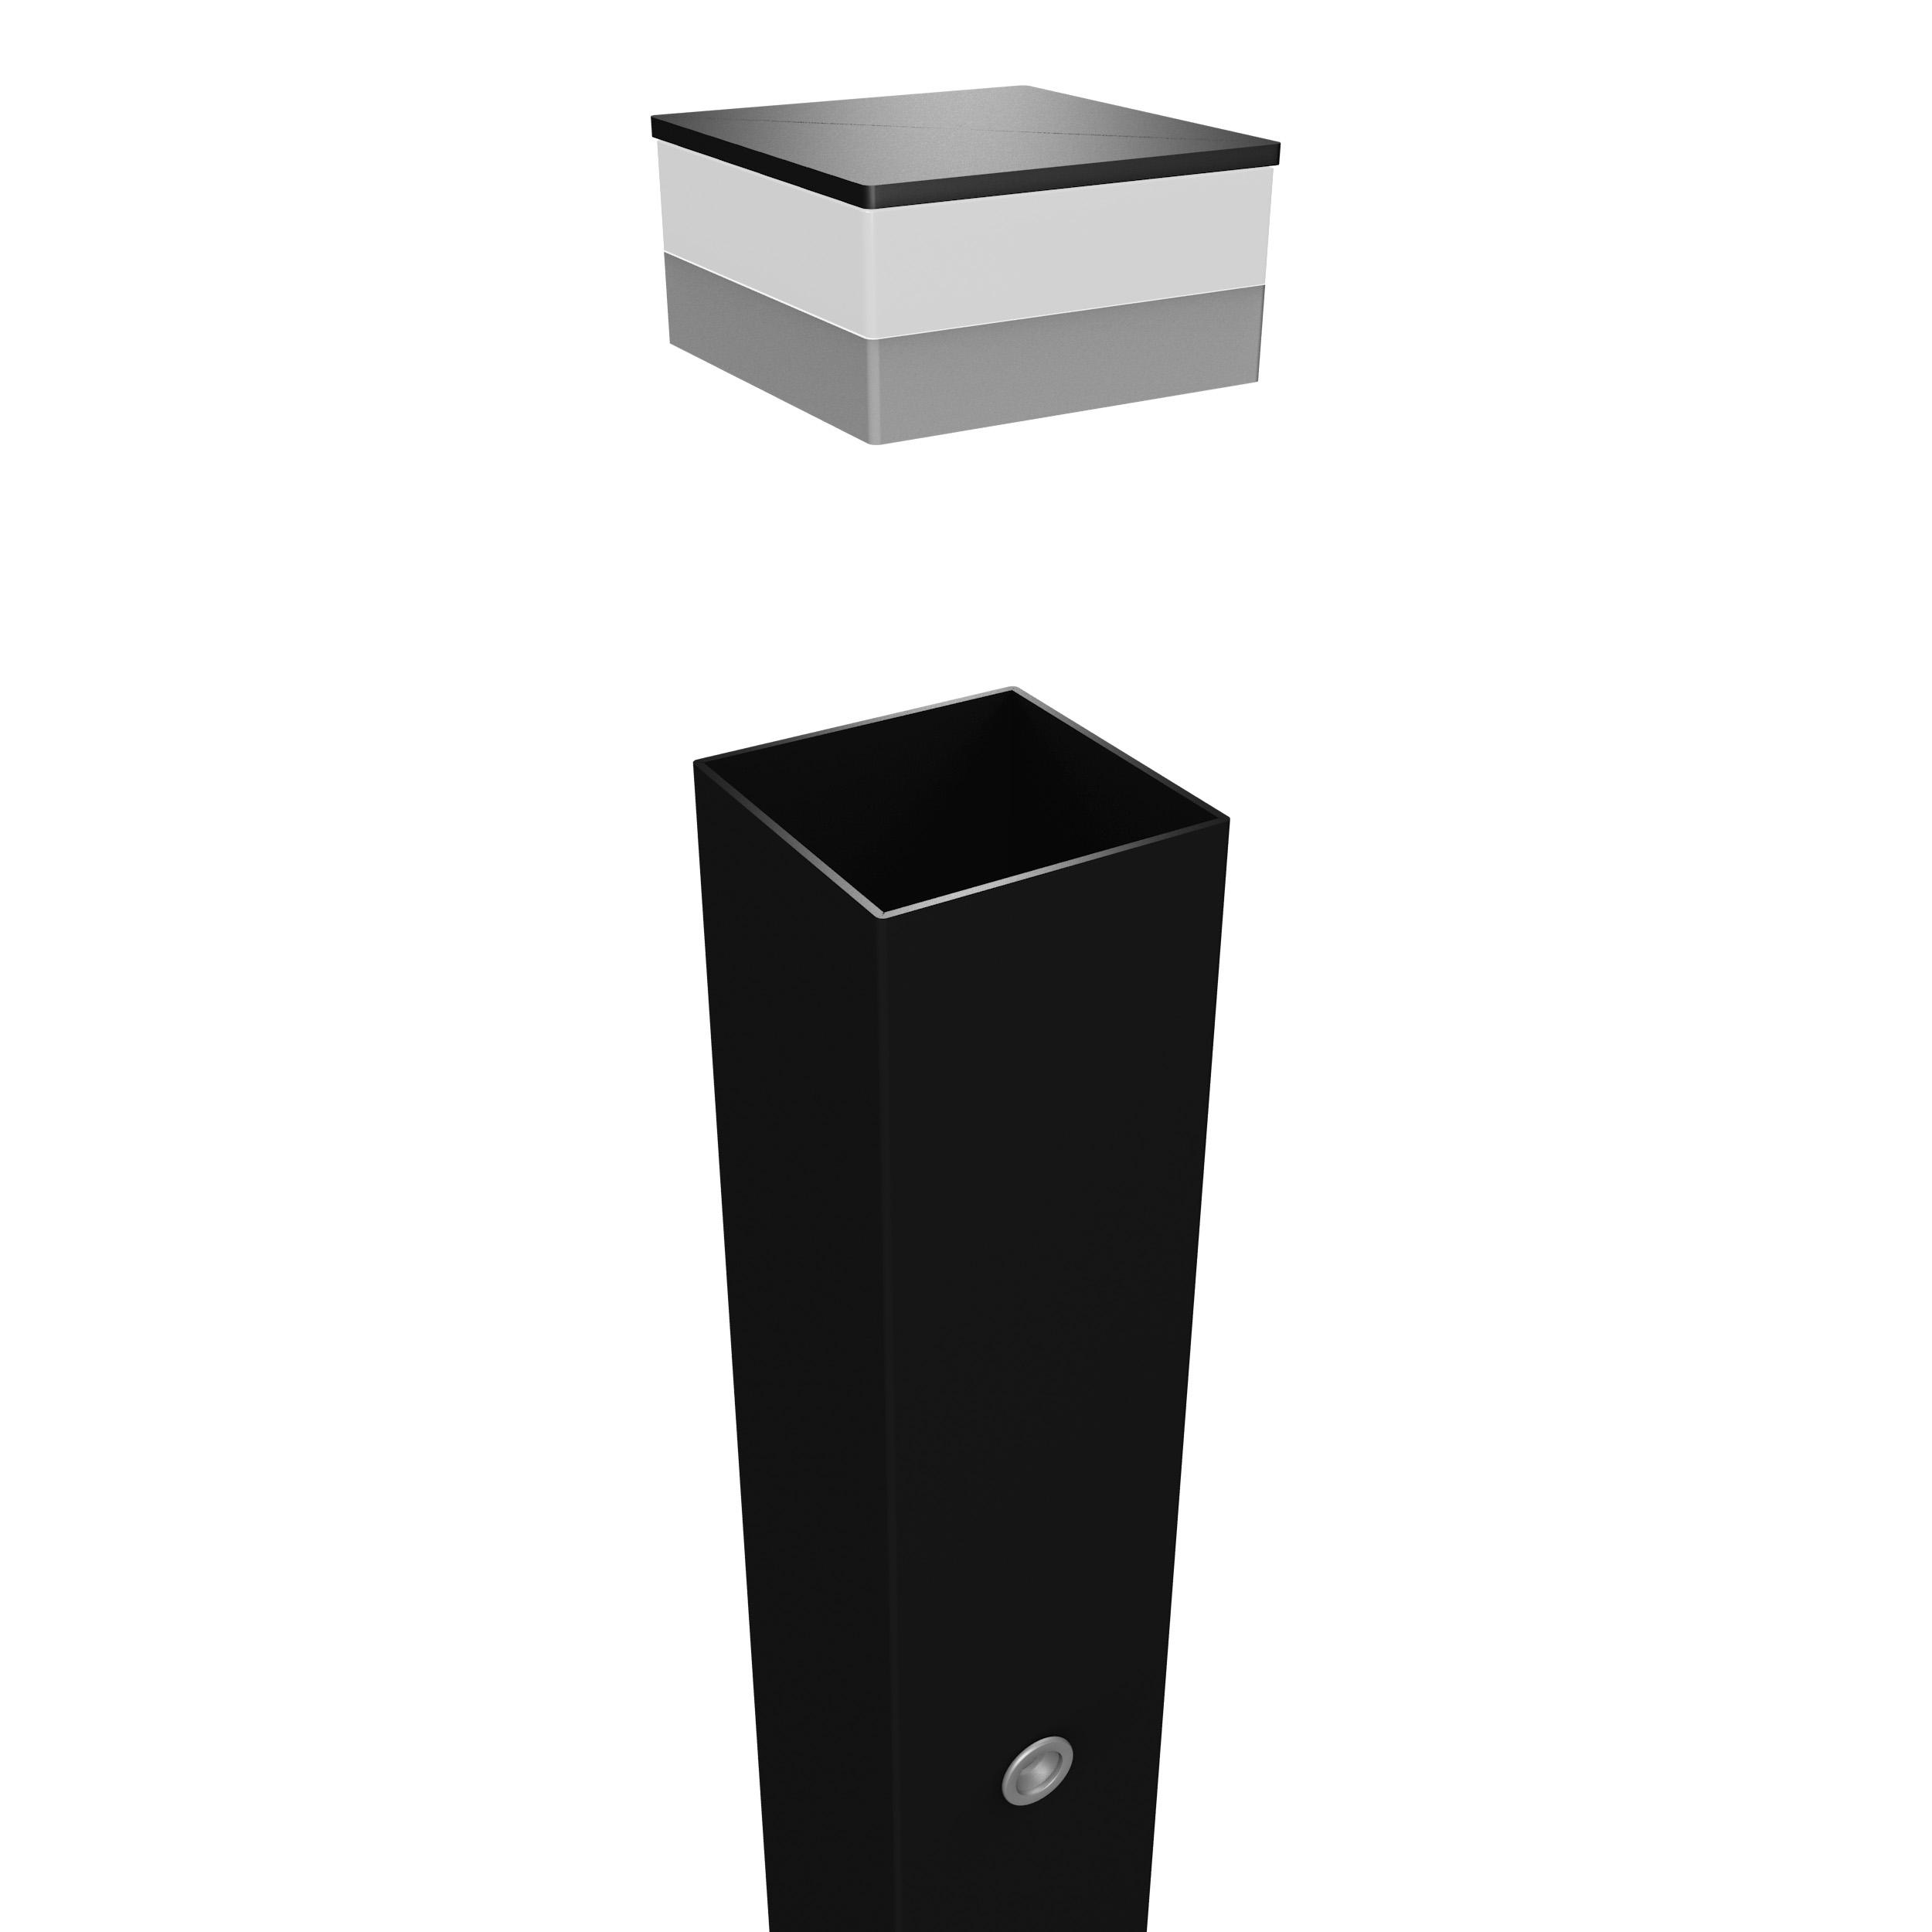 Sloupek 10x10x220 cm s LED-prostorovým osvětlením (safir) balení PLOTY | 13Kg